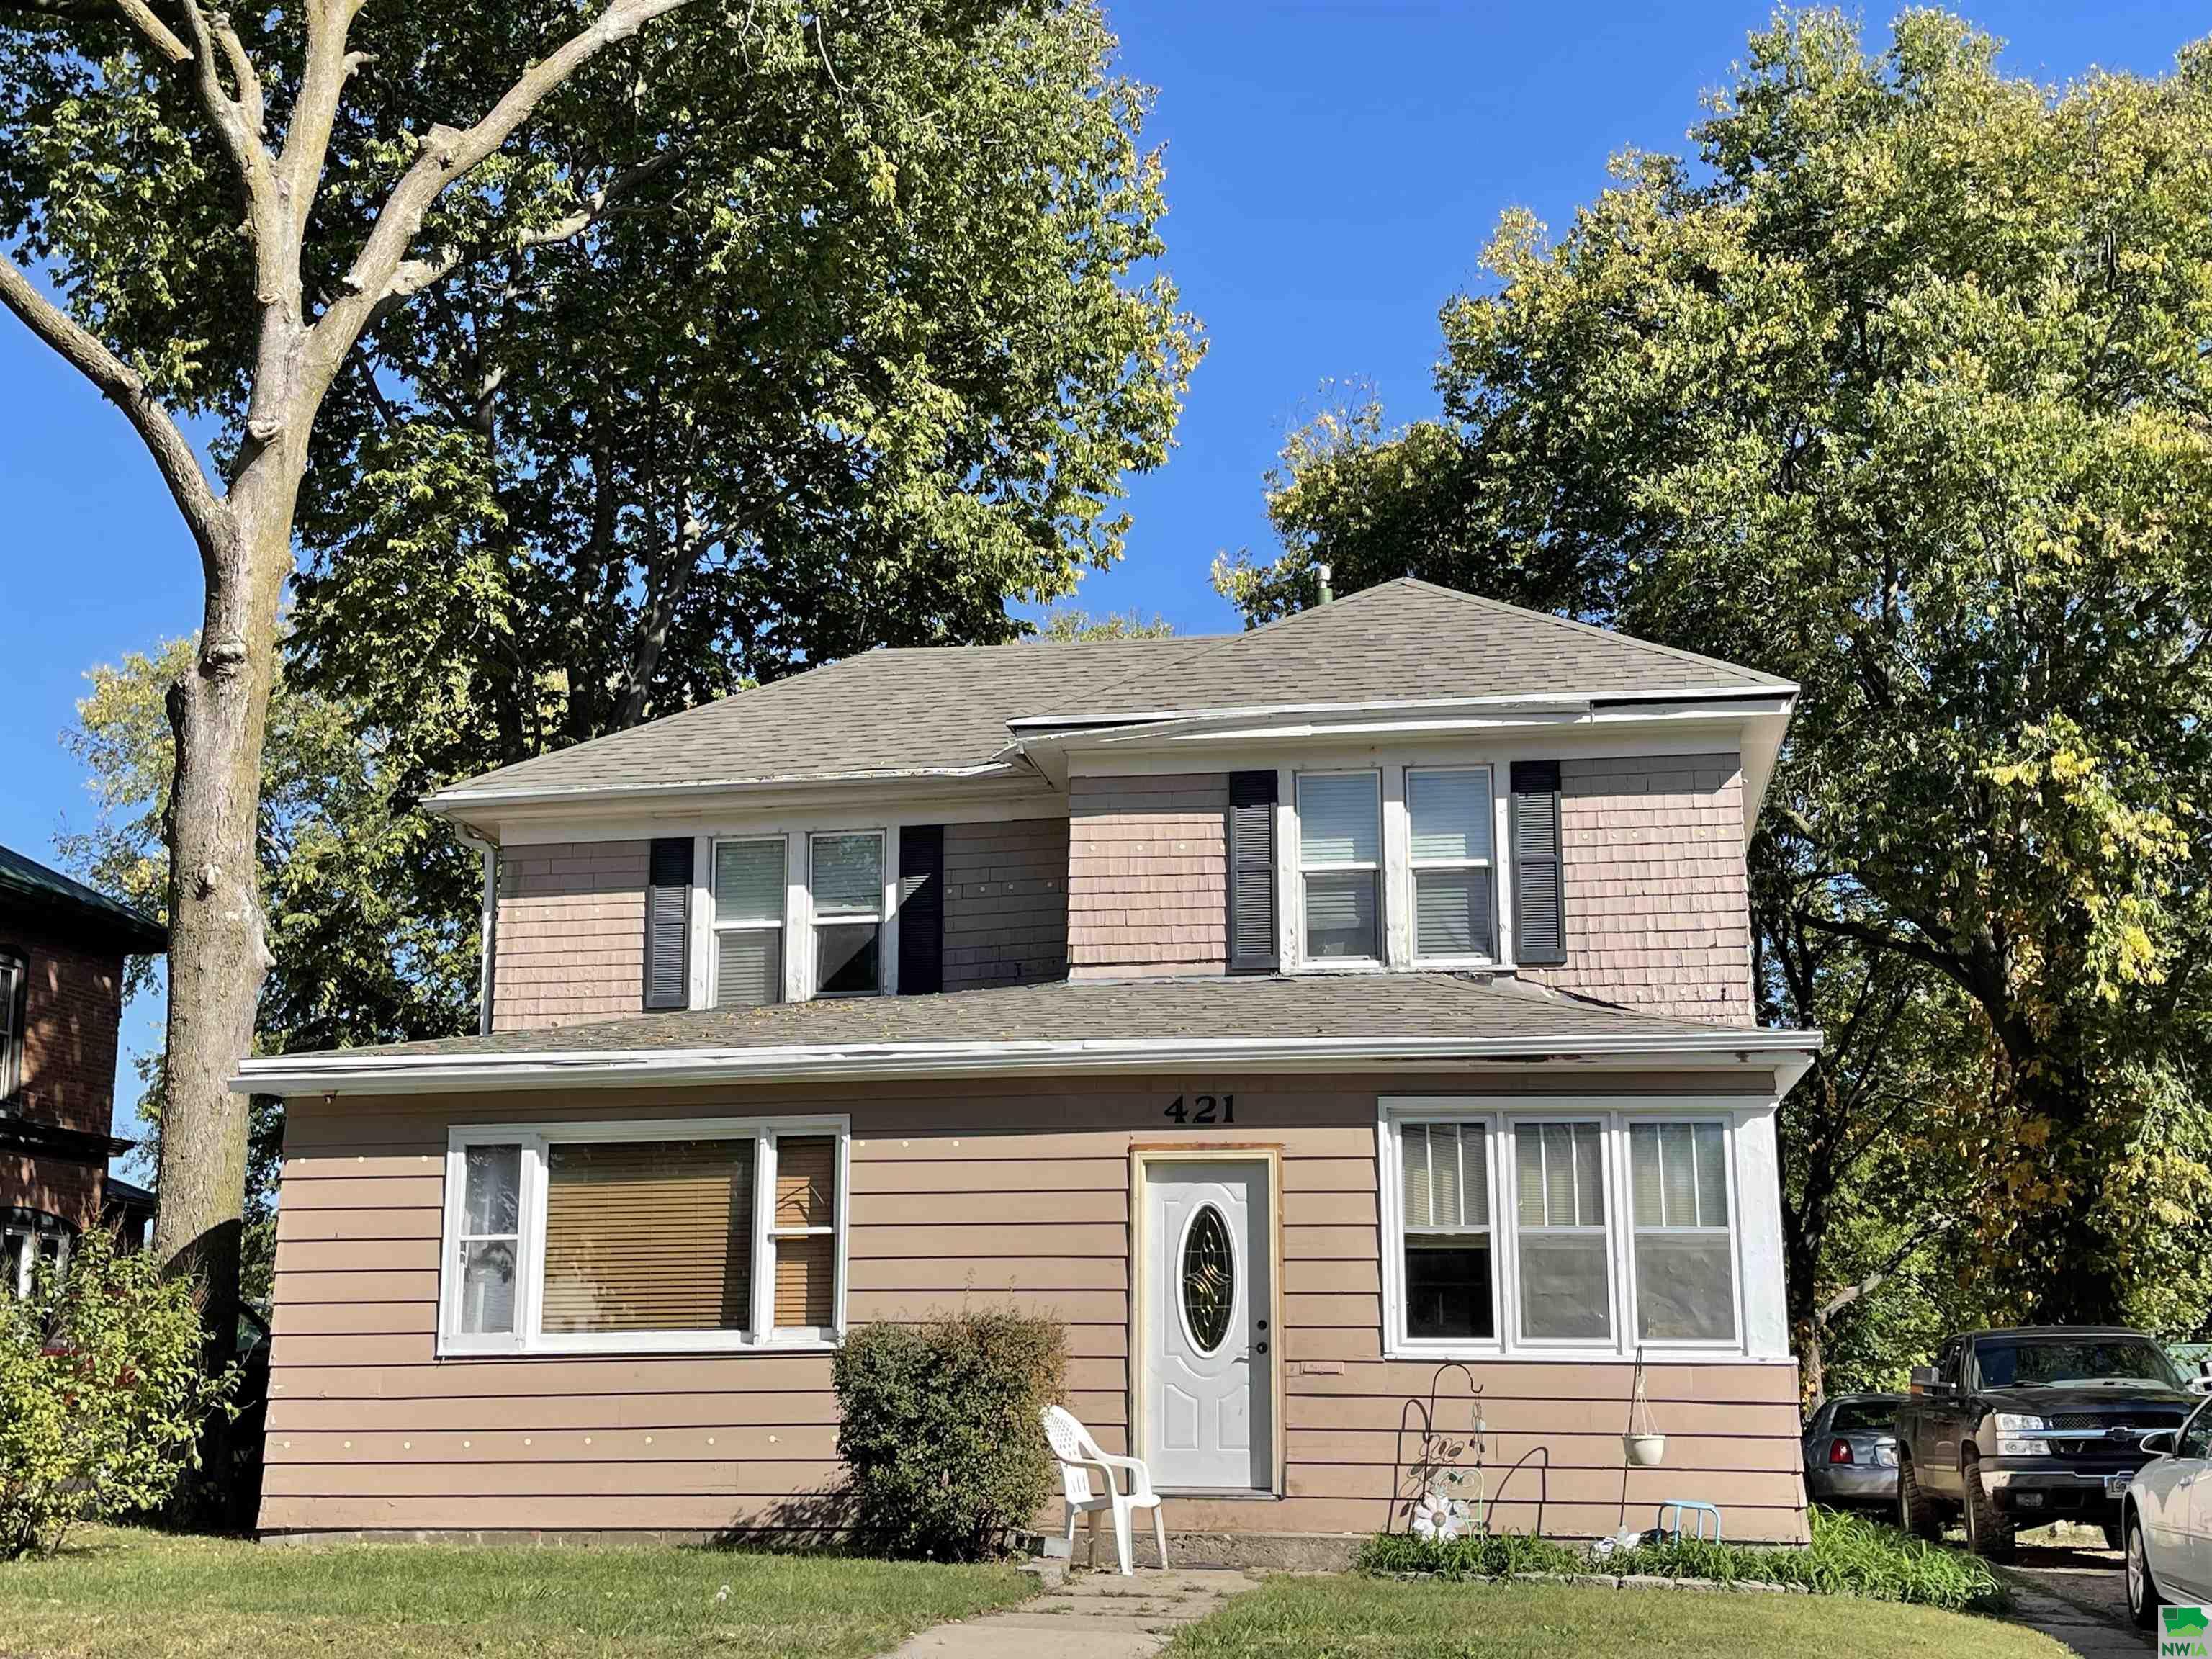 421 Cottage Ave, Vermillion, SD 57069